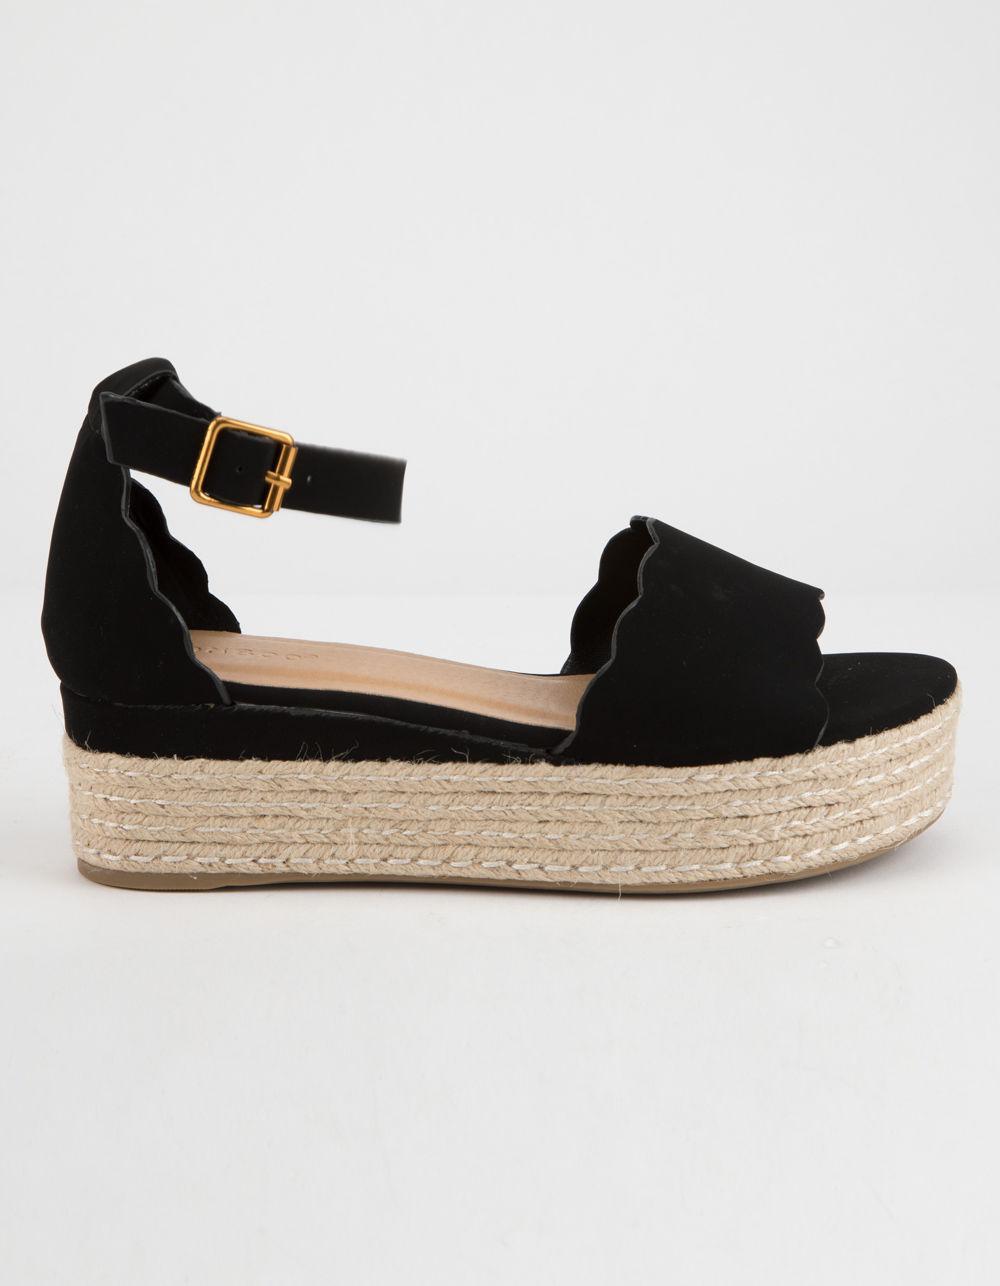 a9d5778cf Bamboo - Black Scallop Espadrille Womens Platform Sandals - Lyst. View  fullscreen